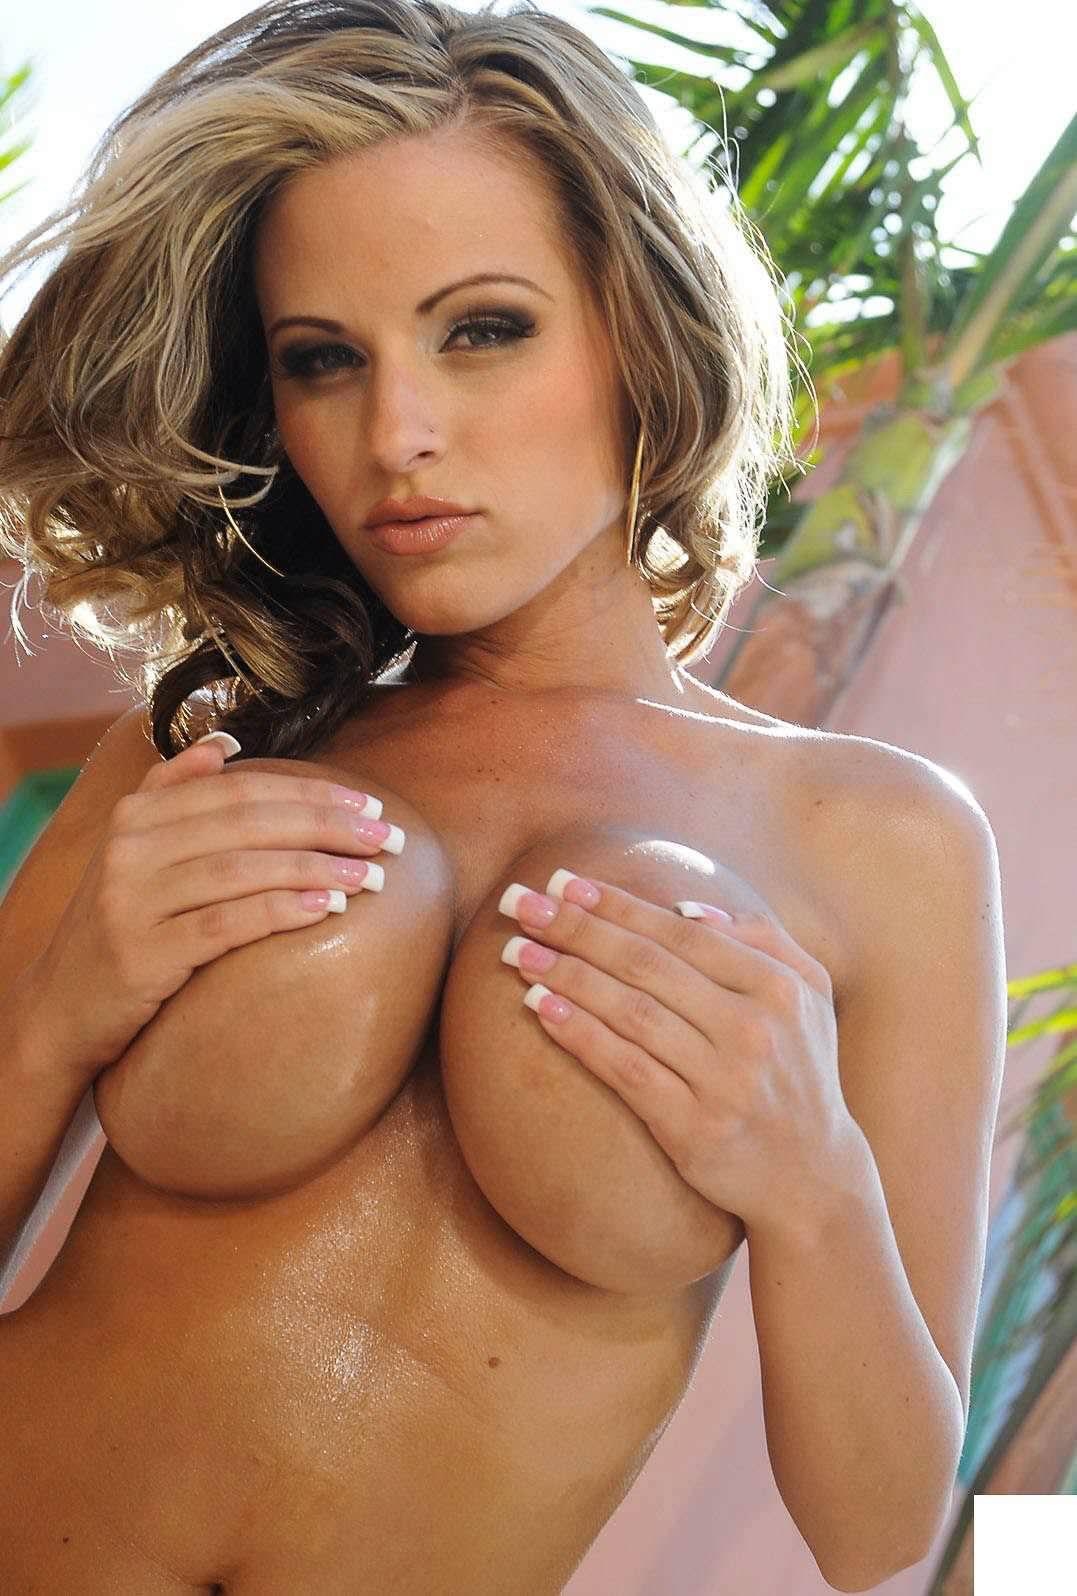 乳首を手で隠す巨乳おっぱいの手ブラ画像 2617